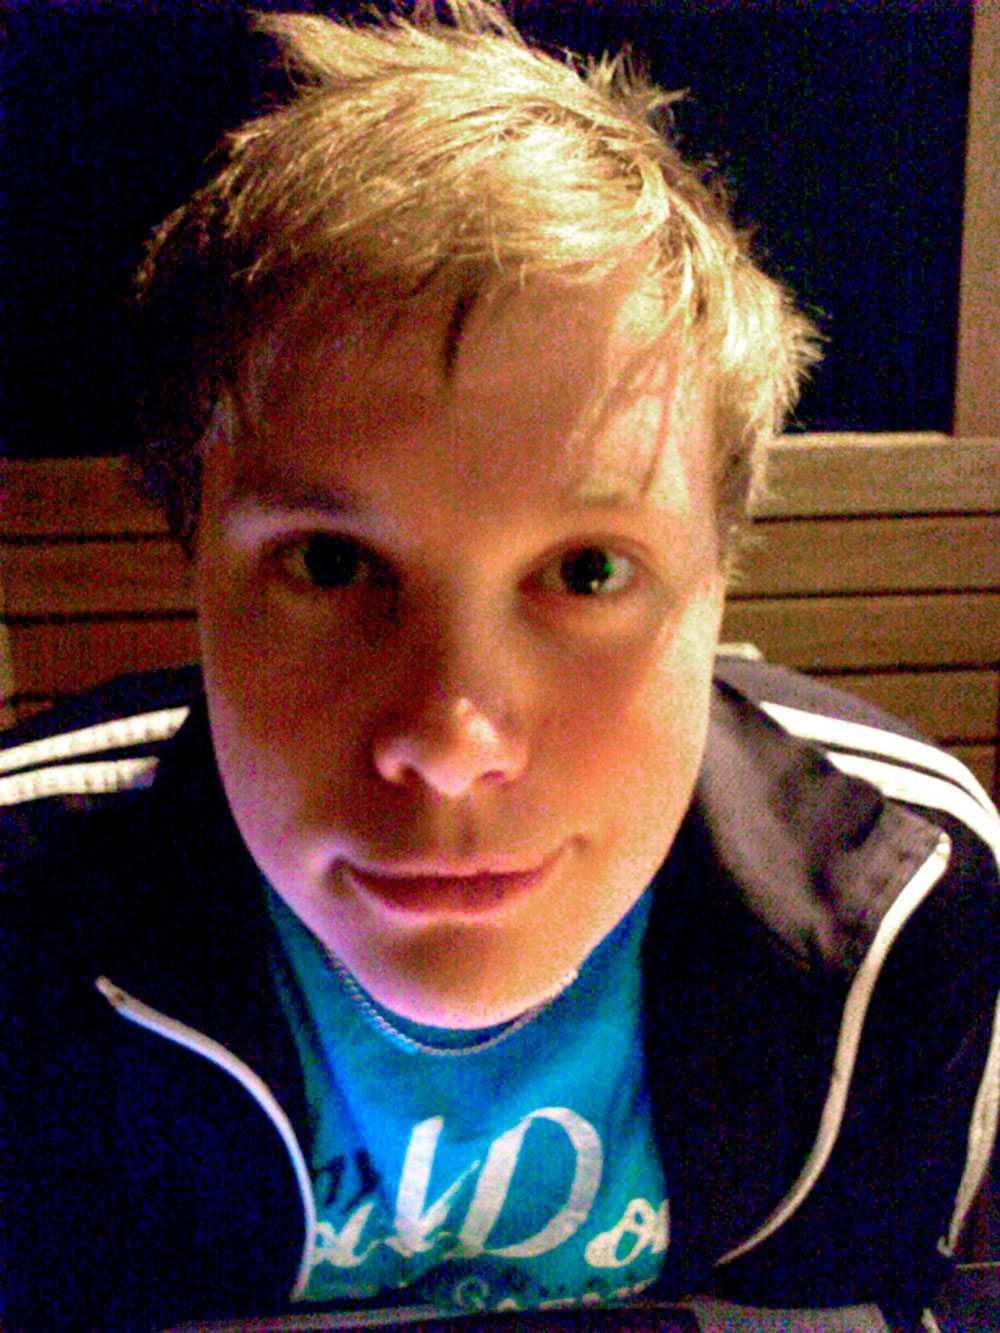 Robert, 29, från Sundsvall. Hittade brunt föremål bland ostbågarna.k